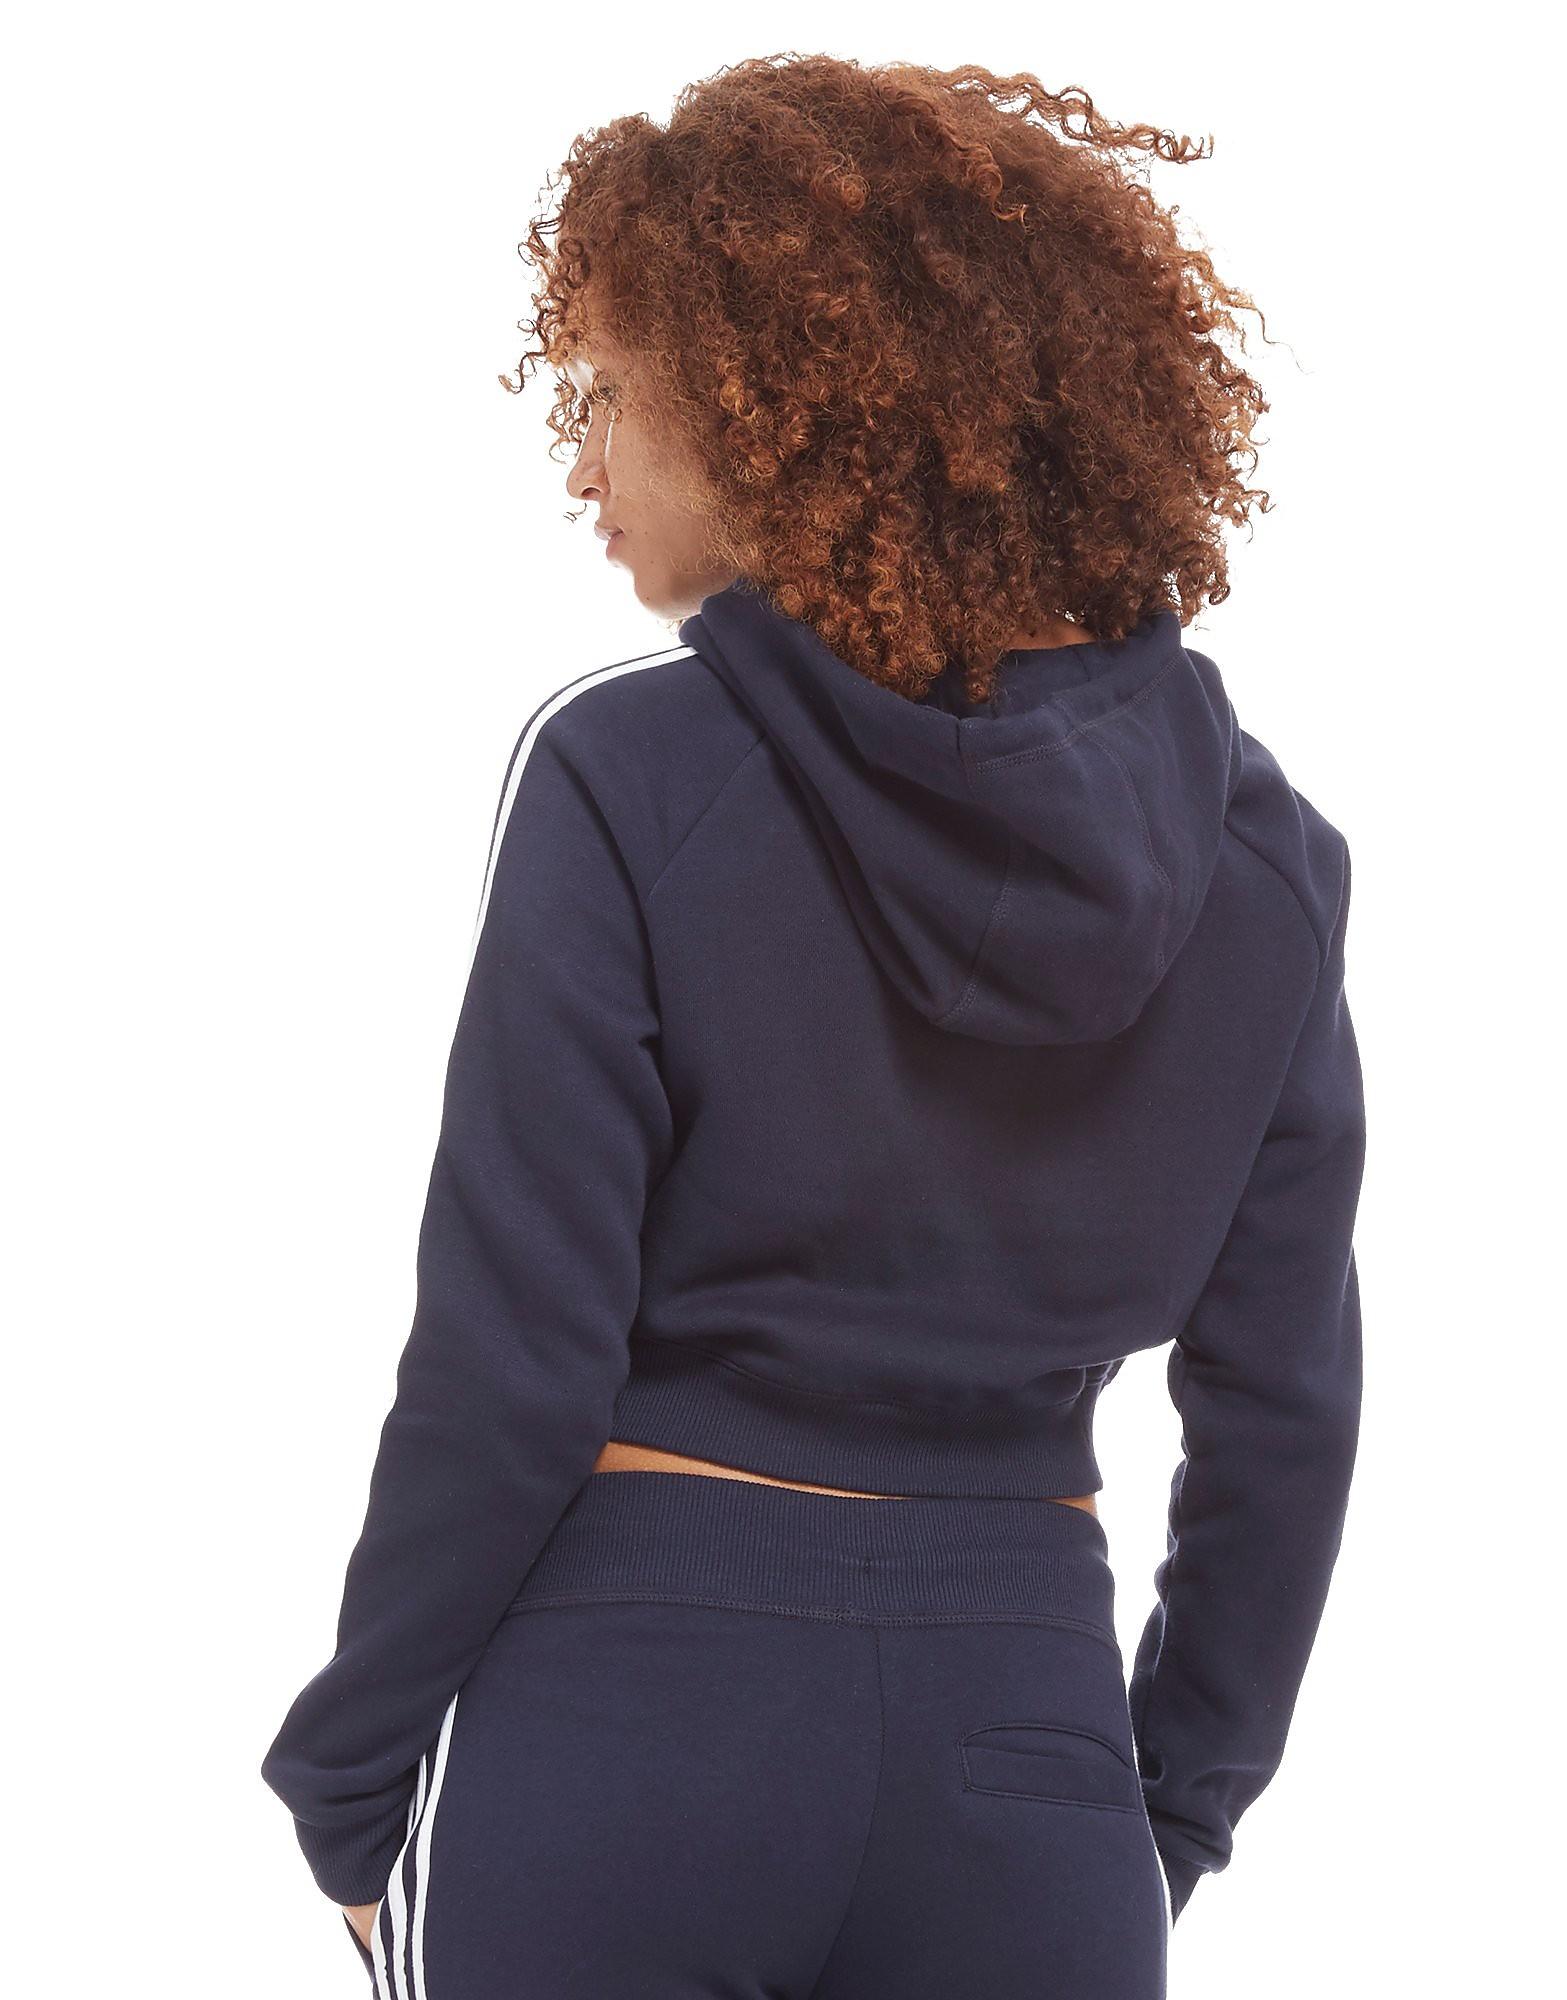 adidas Originals chaqueta con capucha California